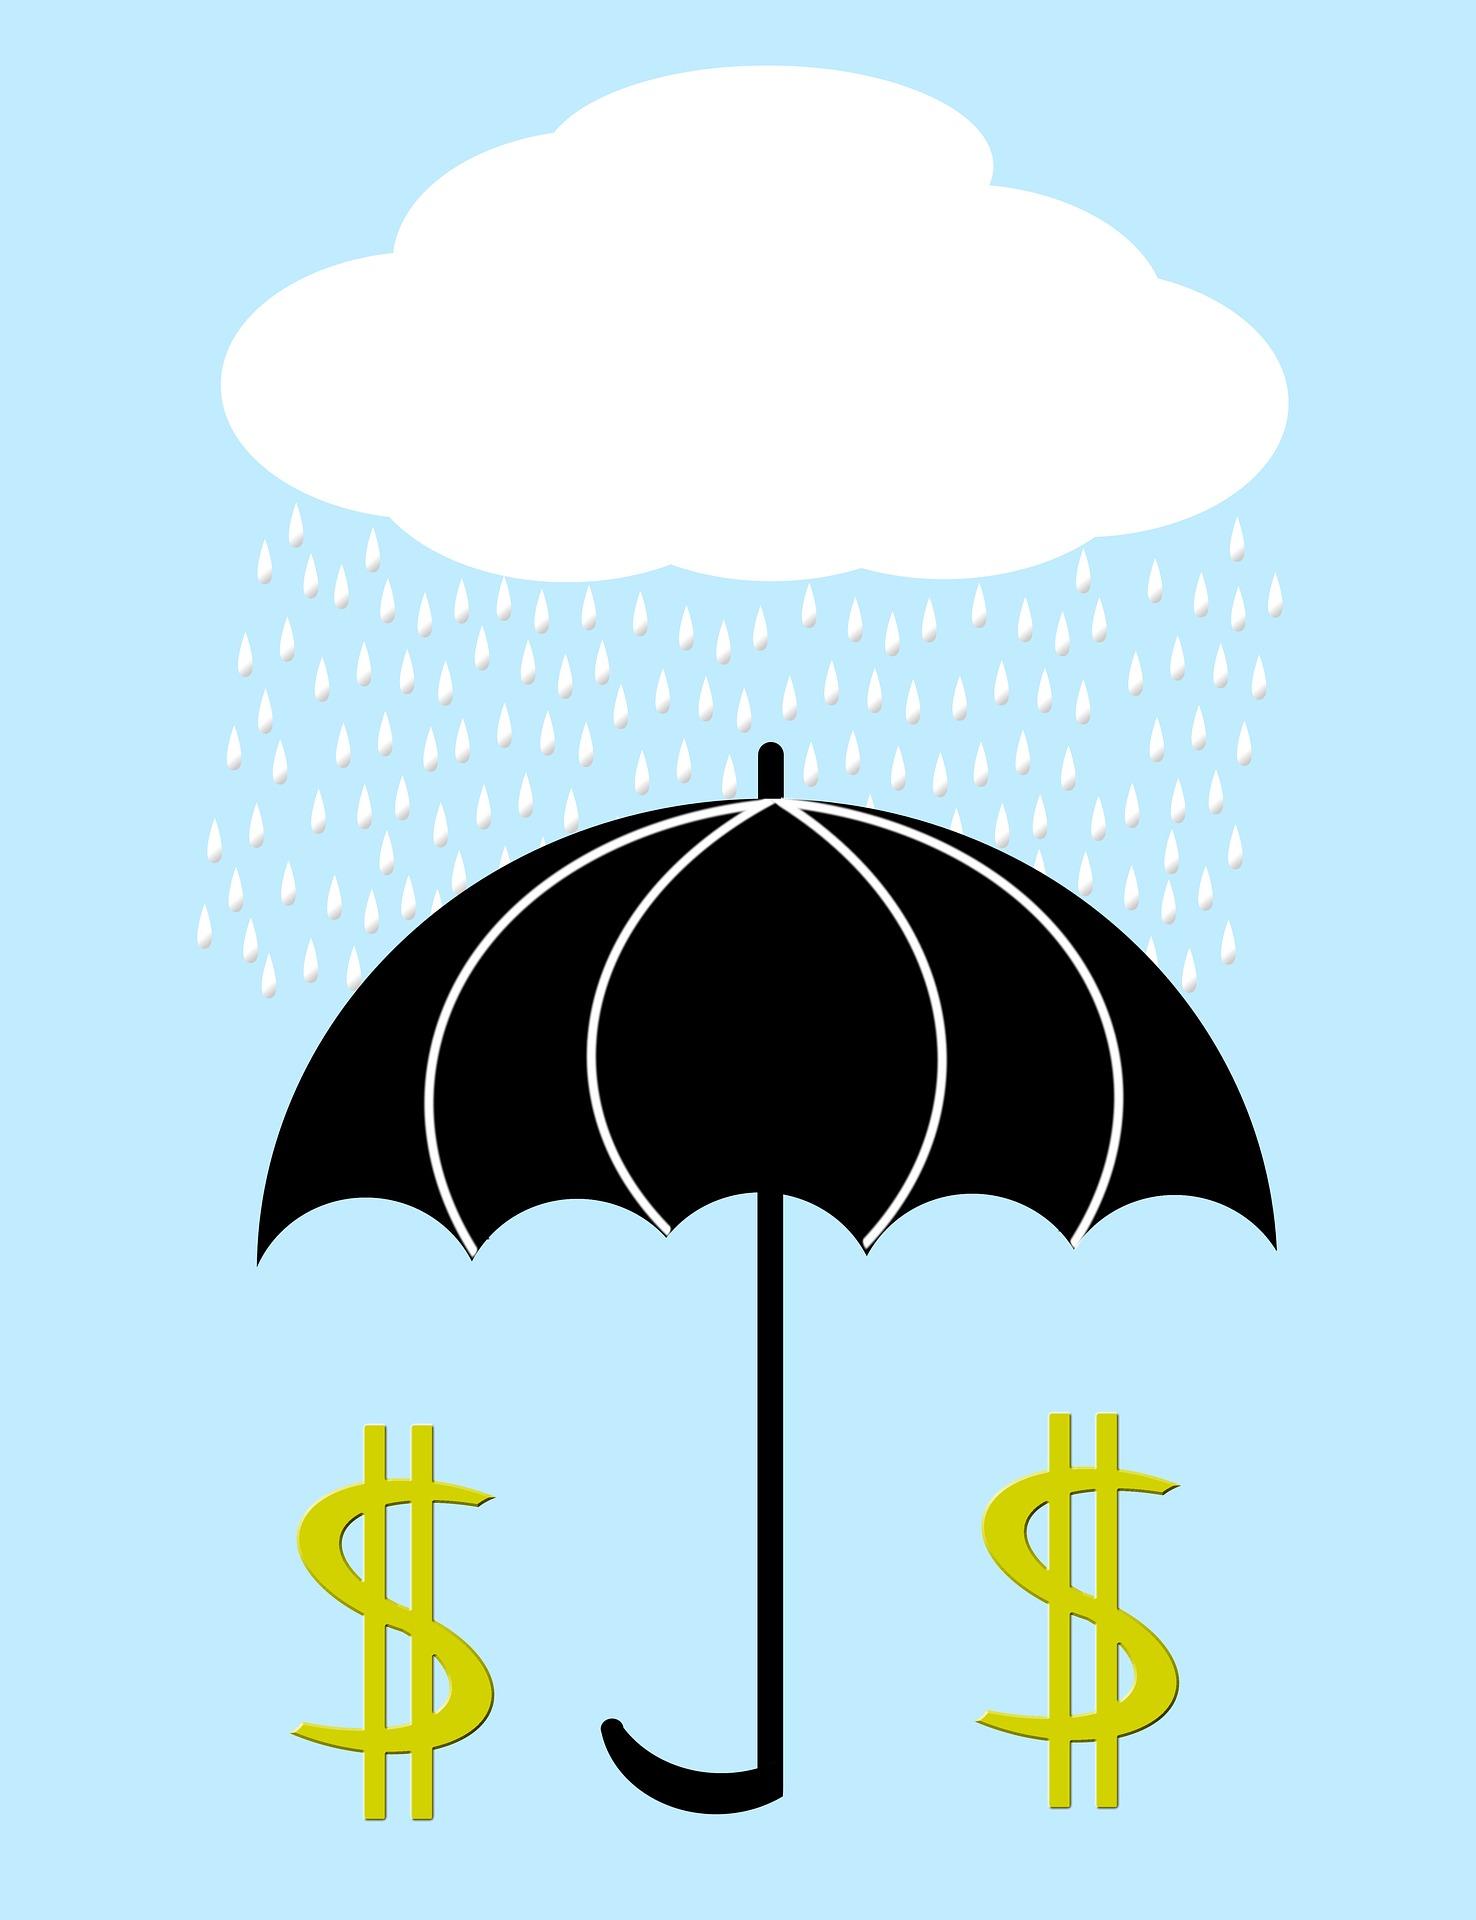 rainy-day-3332899_1920